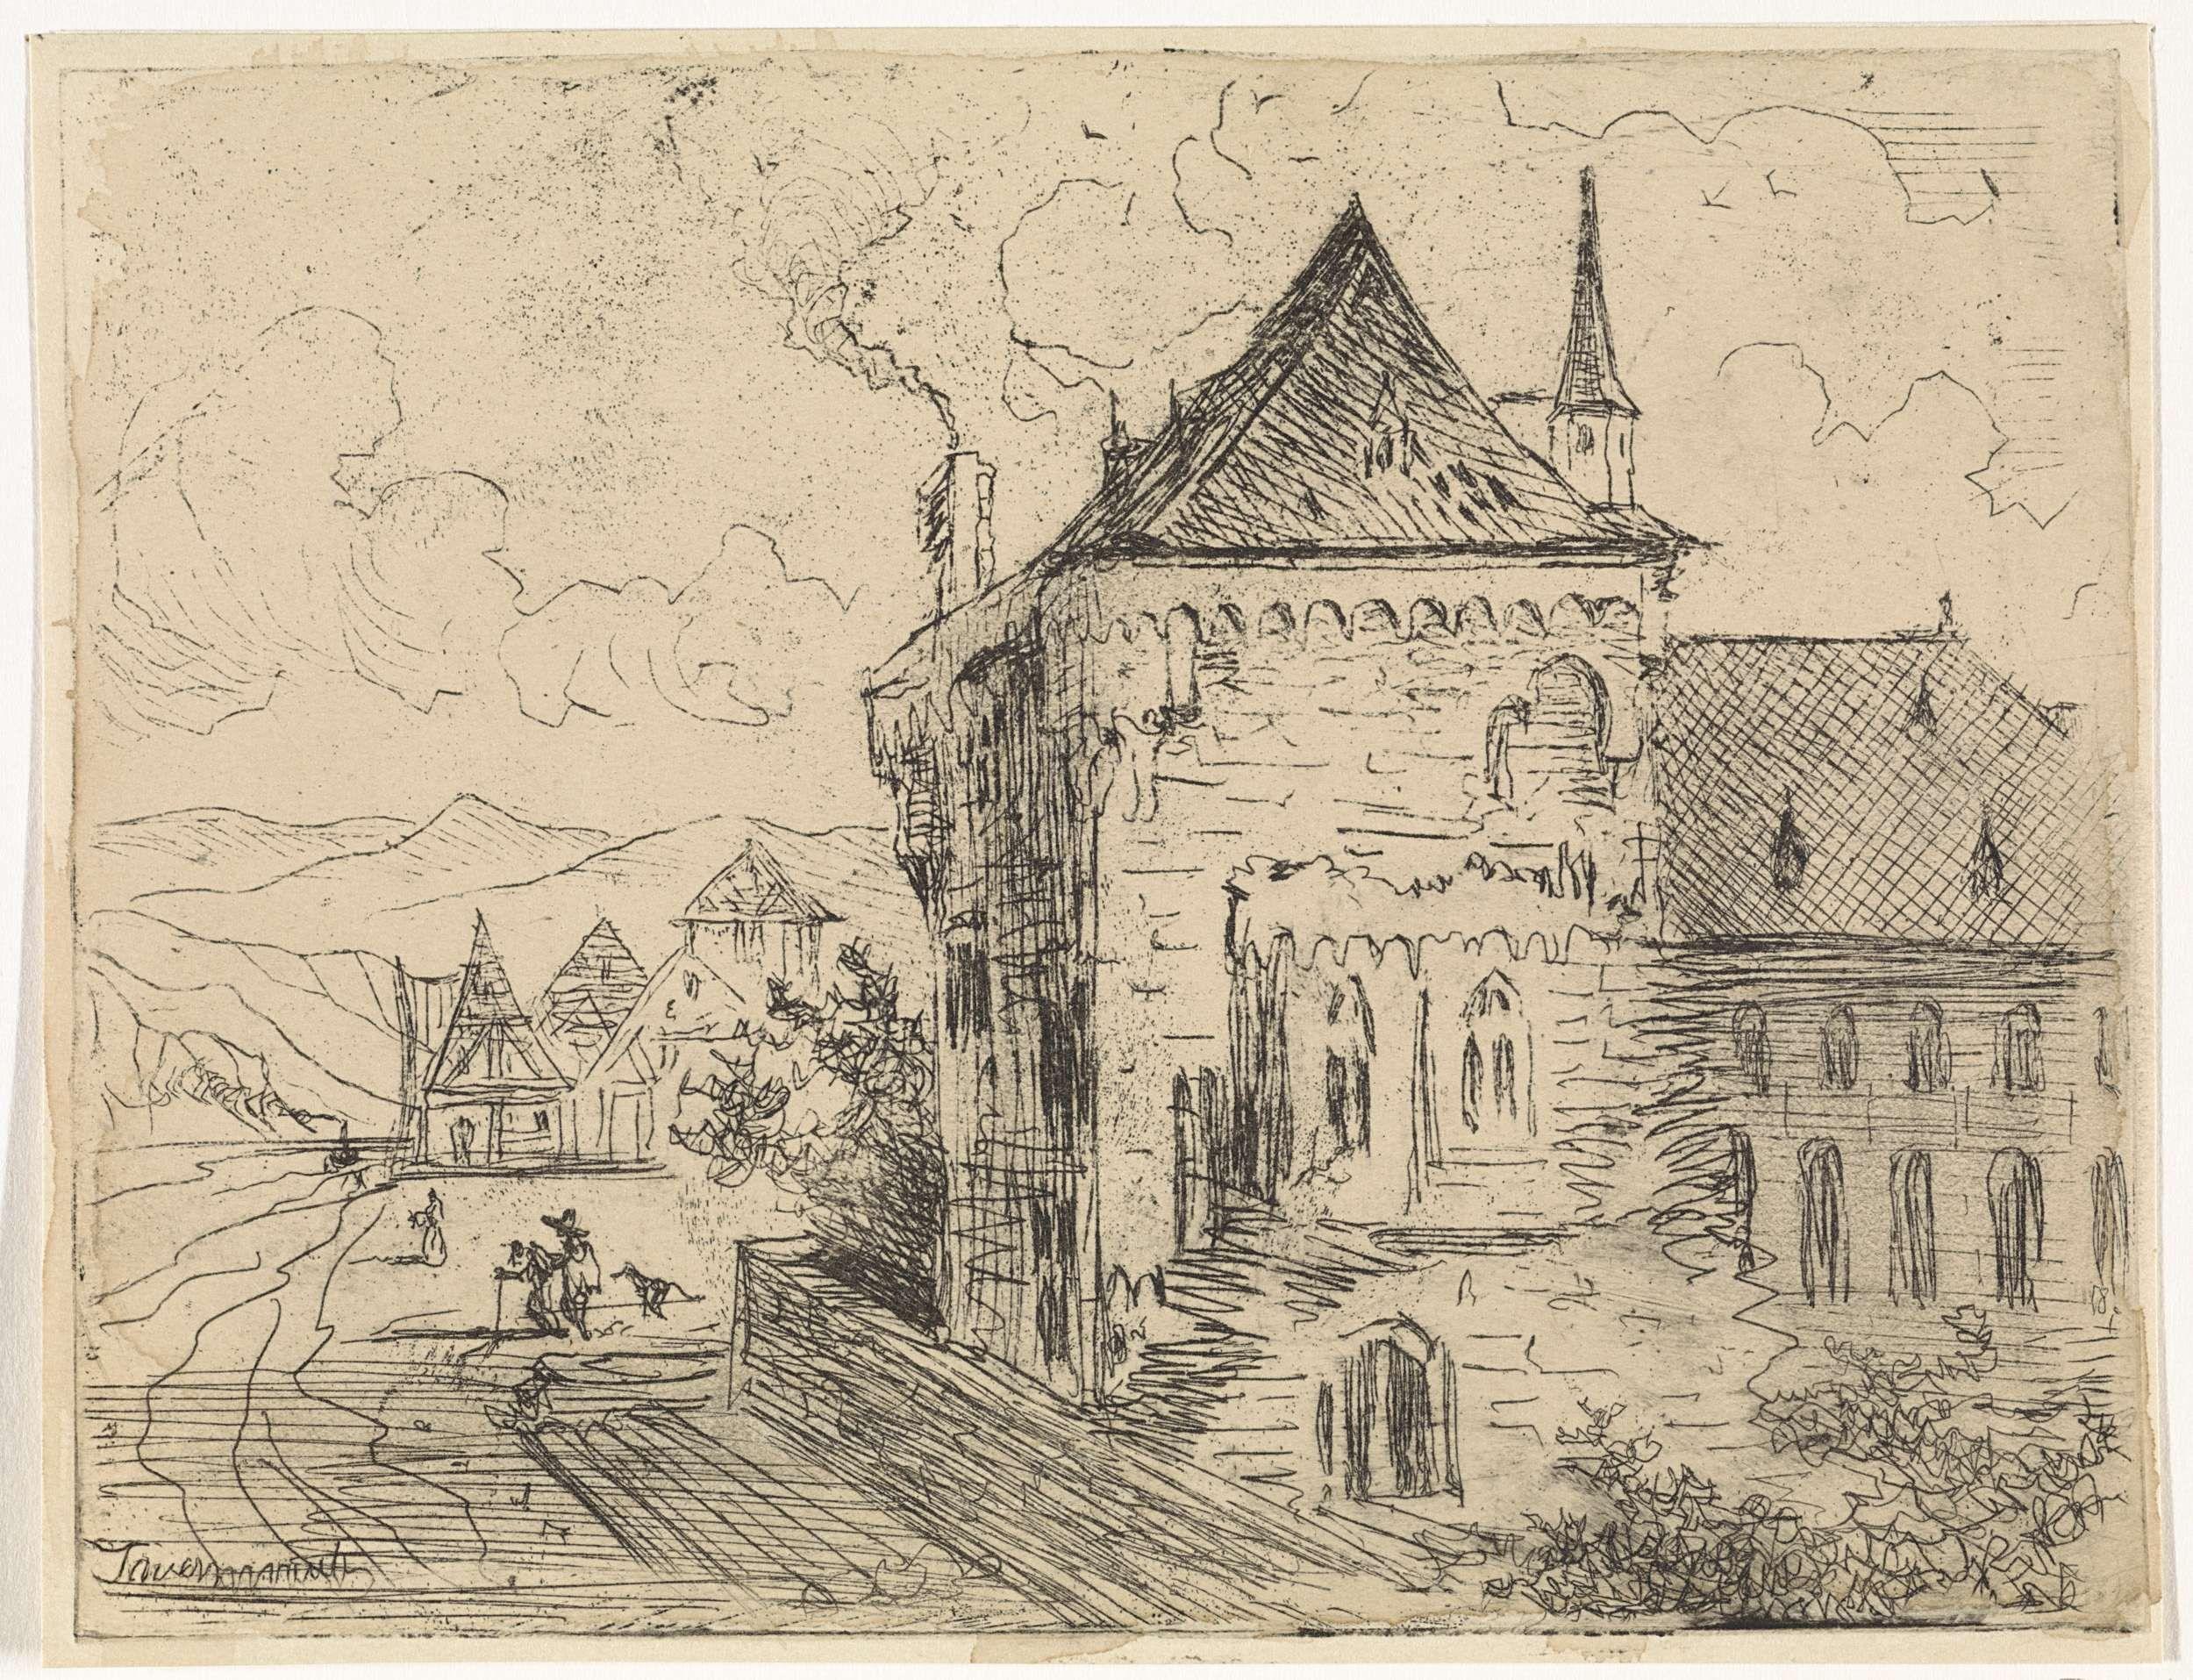 Johannes Tavenraat   Gebouw te Boppard, Johannes Tavenraat, 1819 - 1881   Gebouw te Boppard met links enkele figuren op de weg.